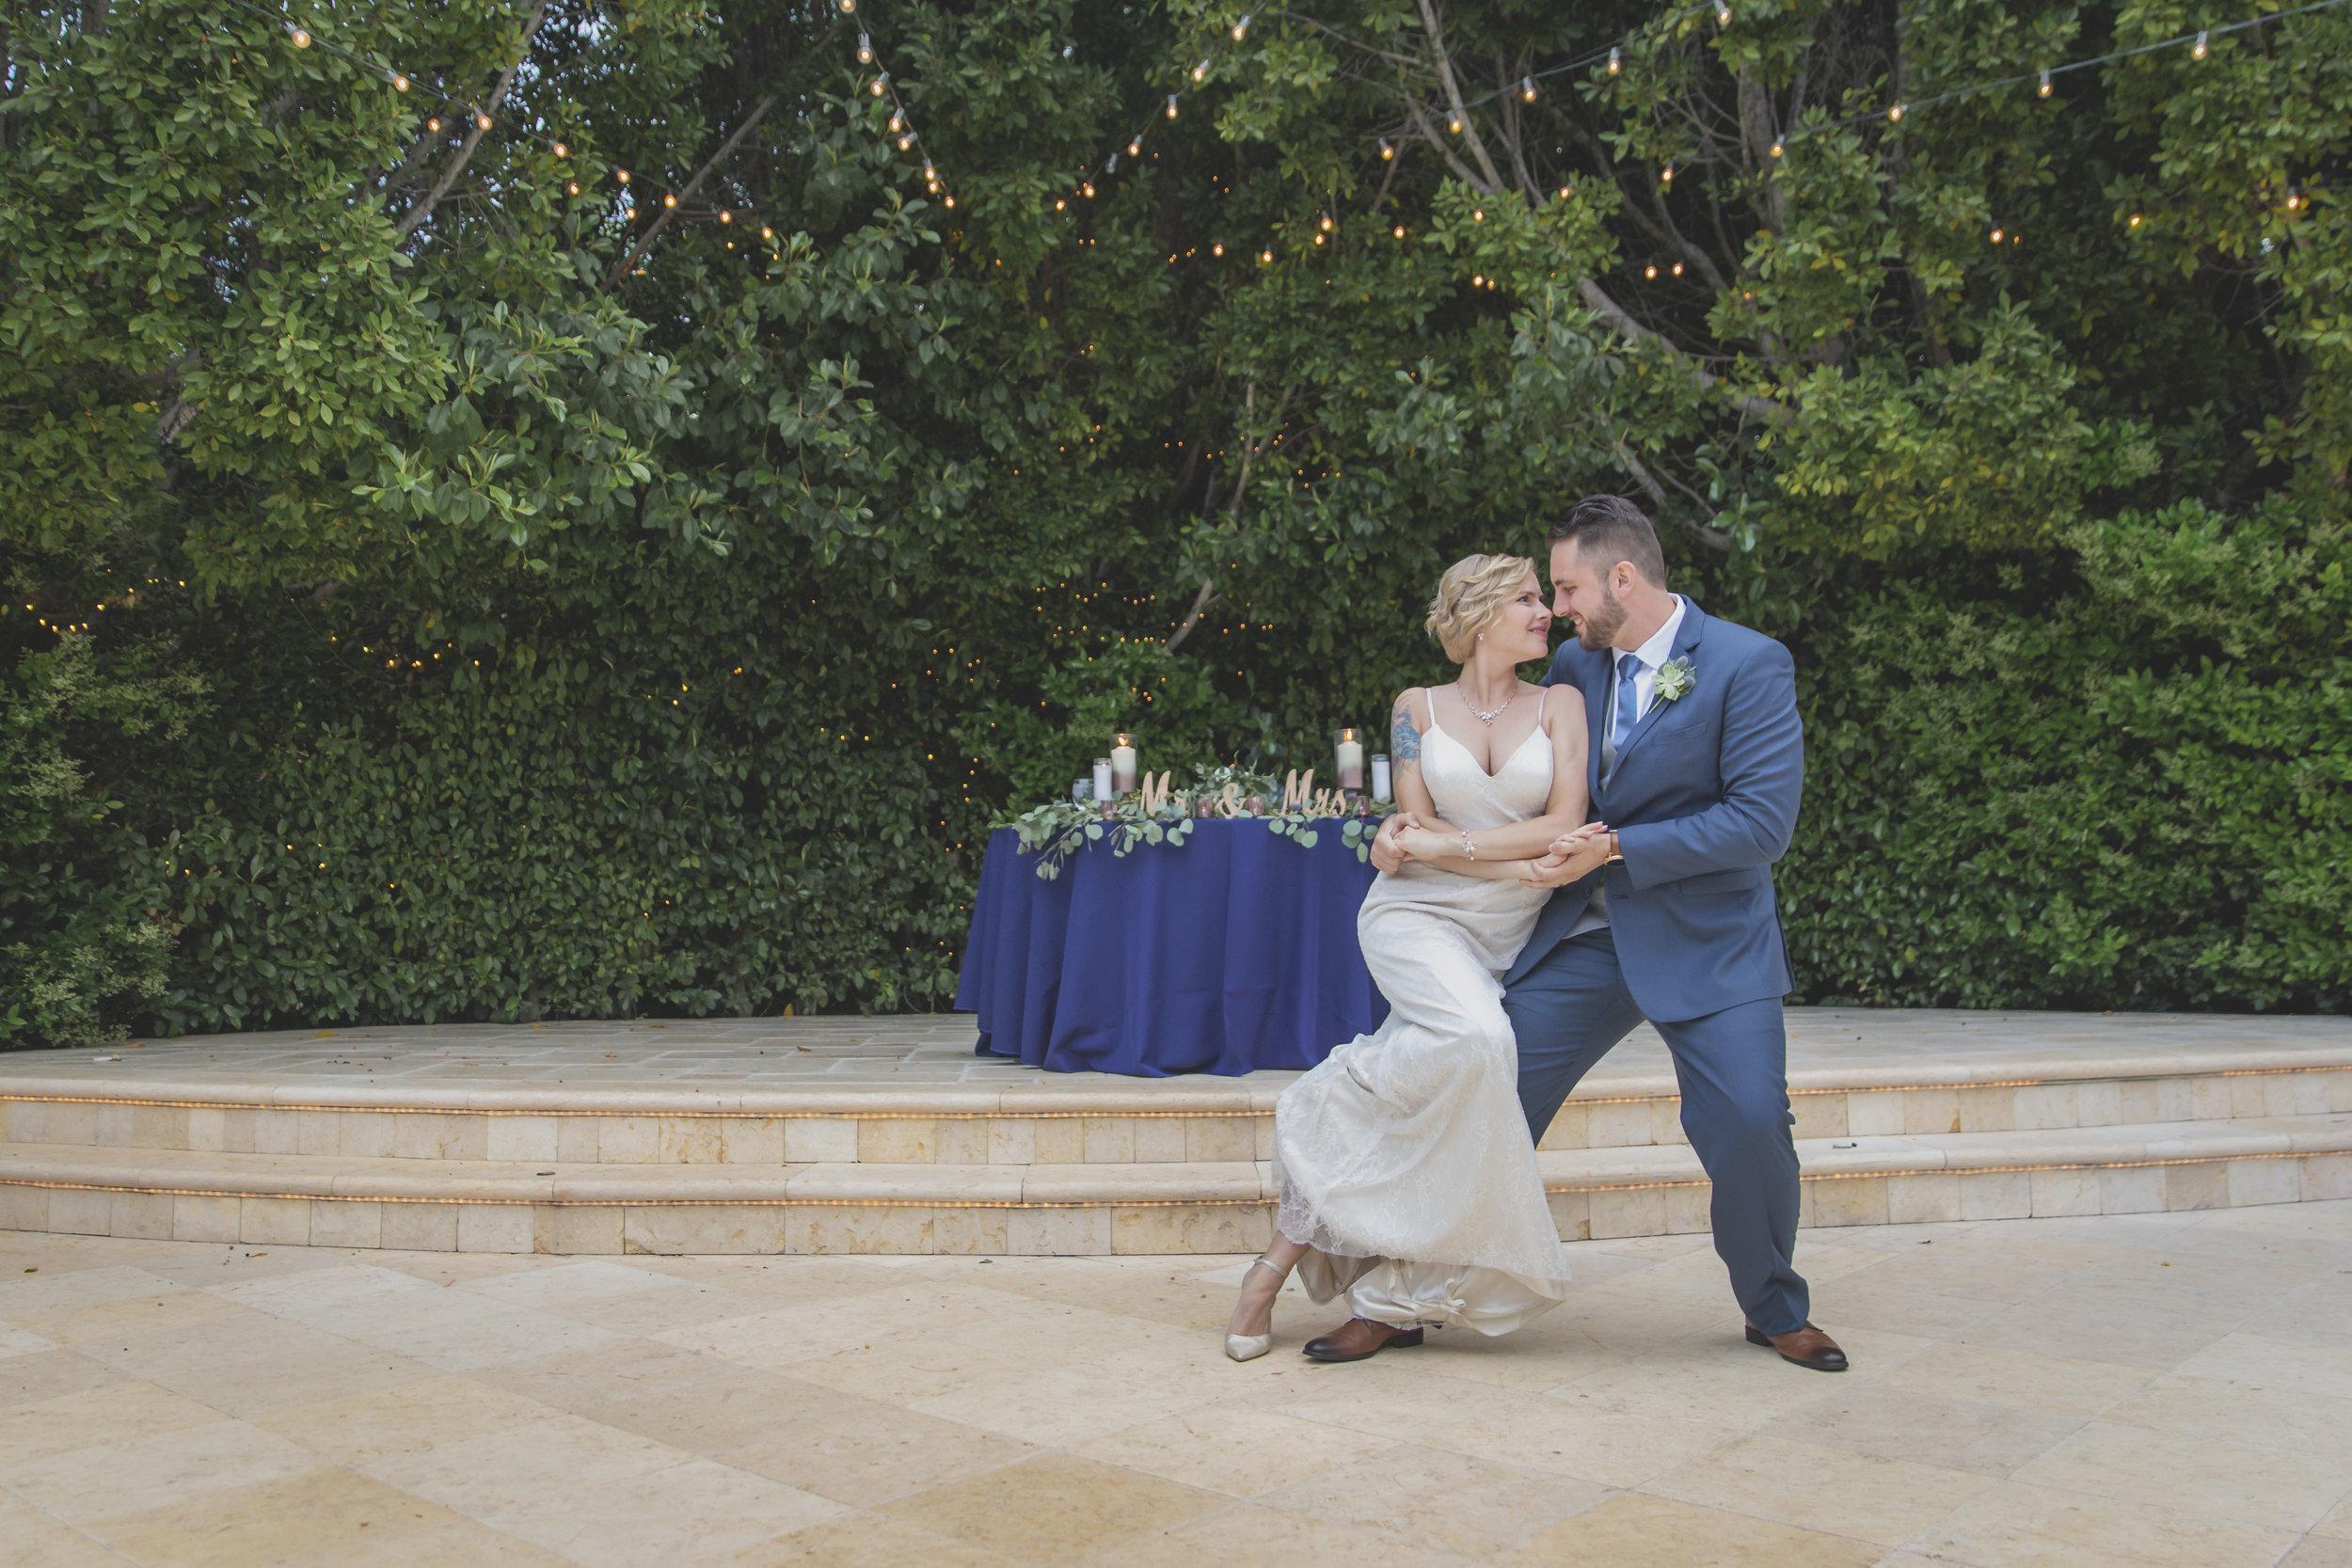 Wedding photography - Edens Gardens, Moorpark California Wedding Venue - Bride and groom dancing